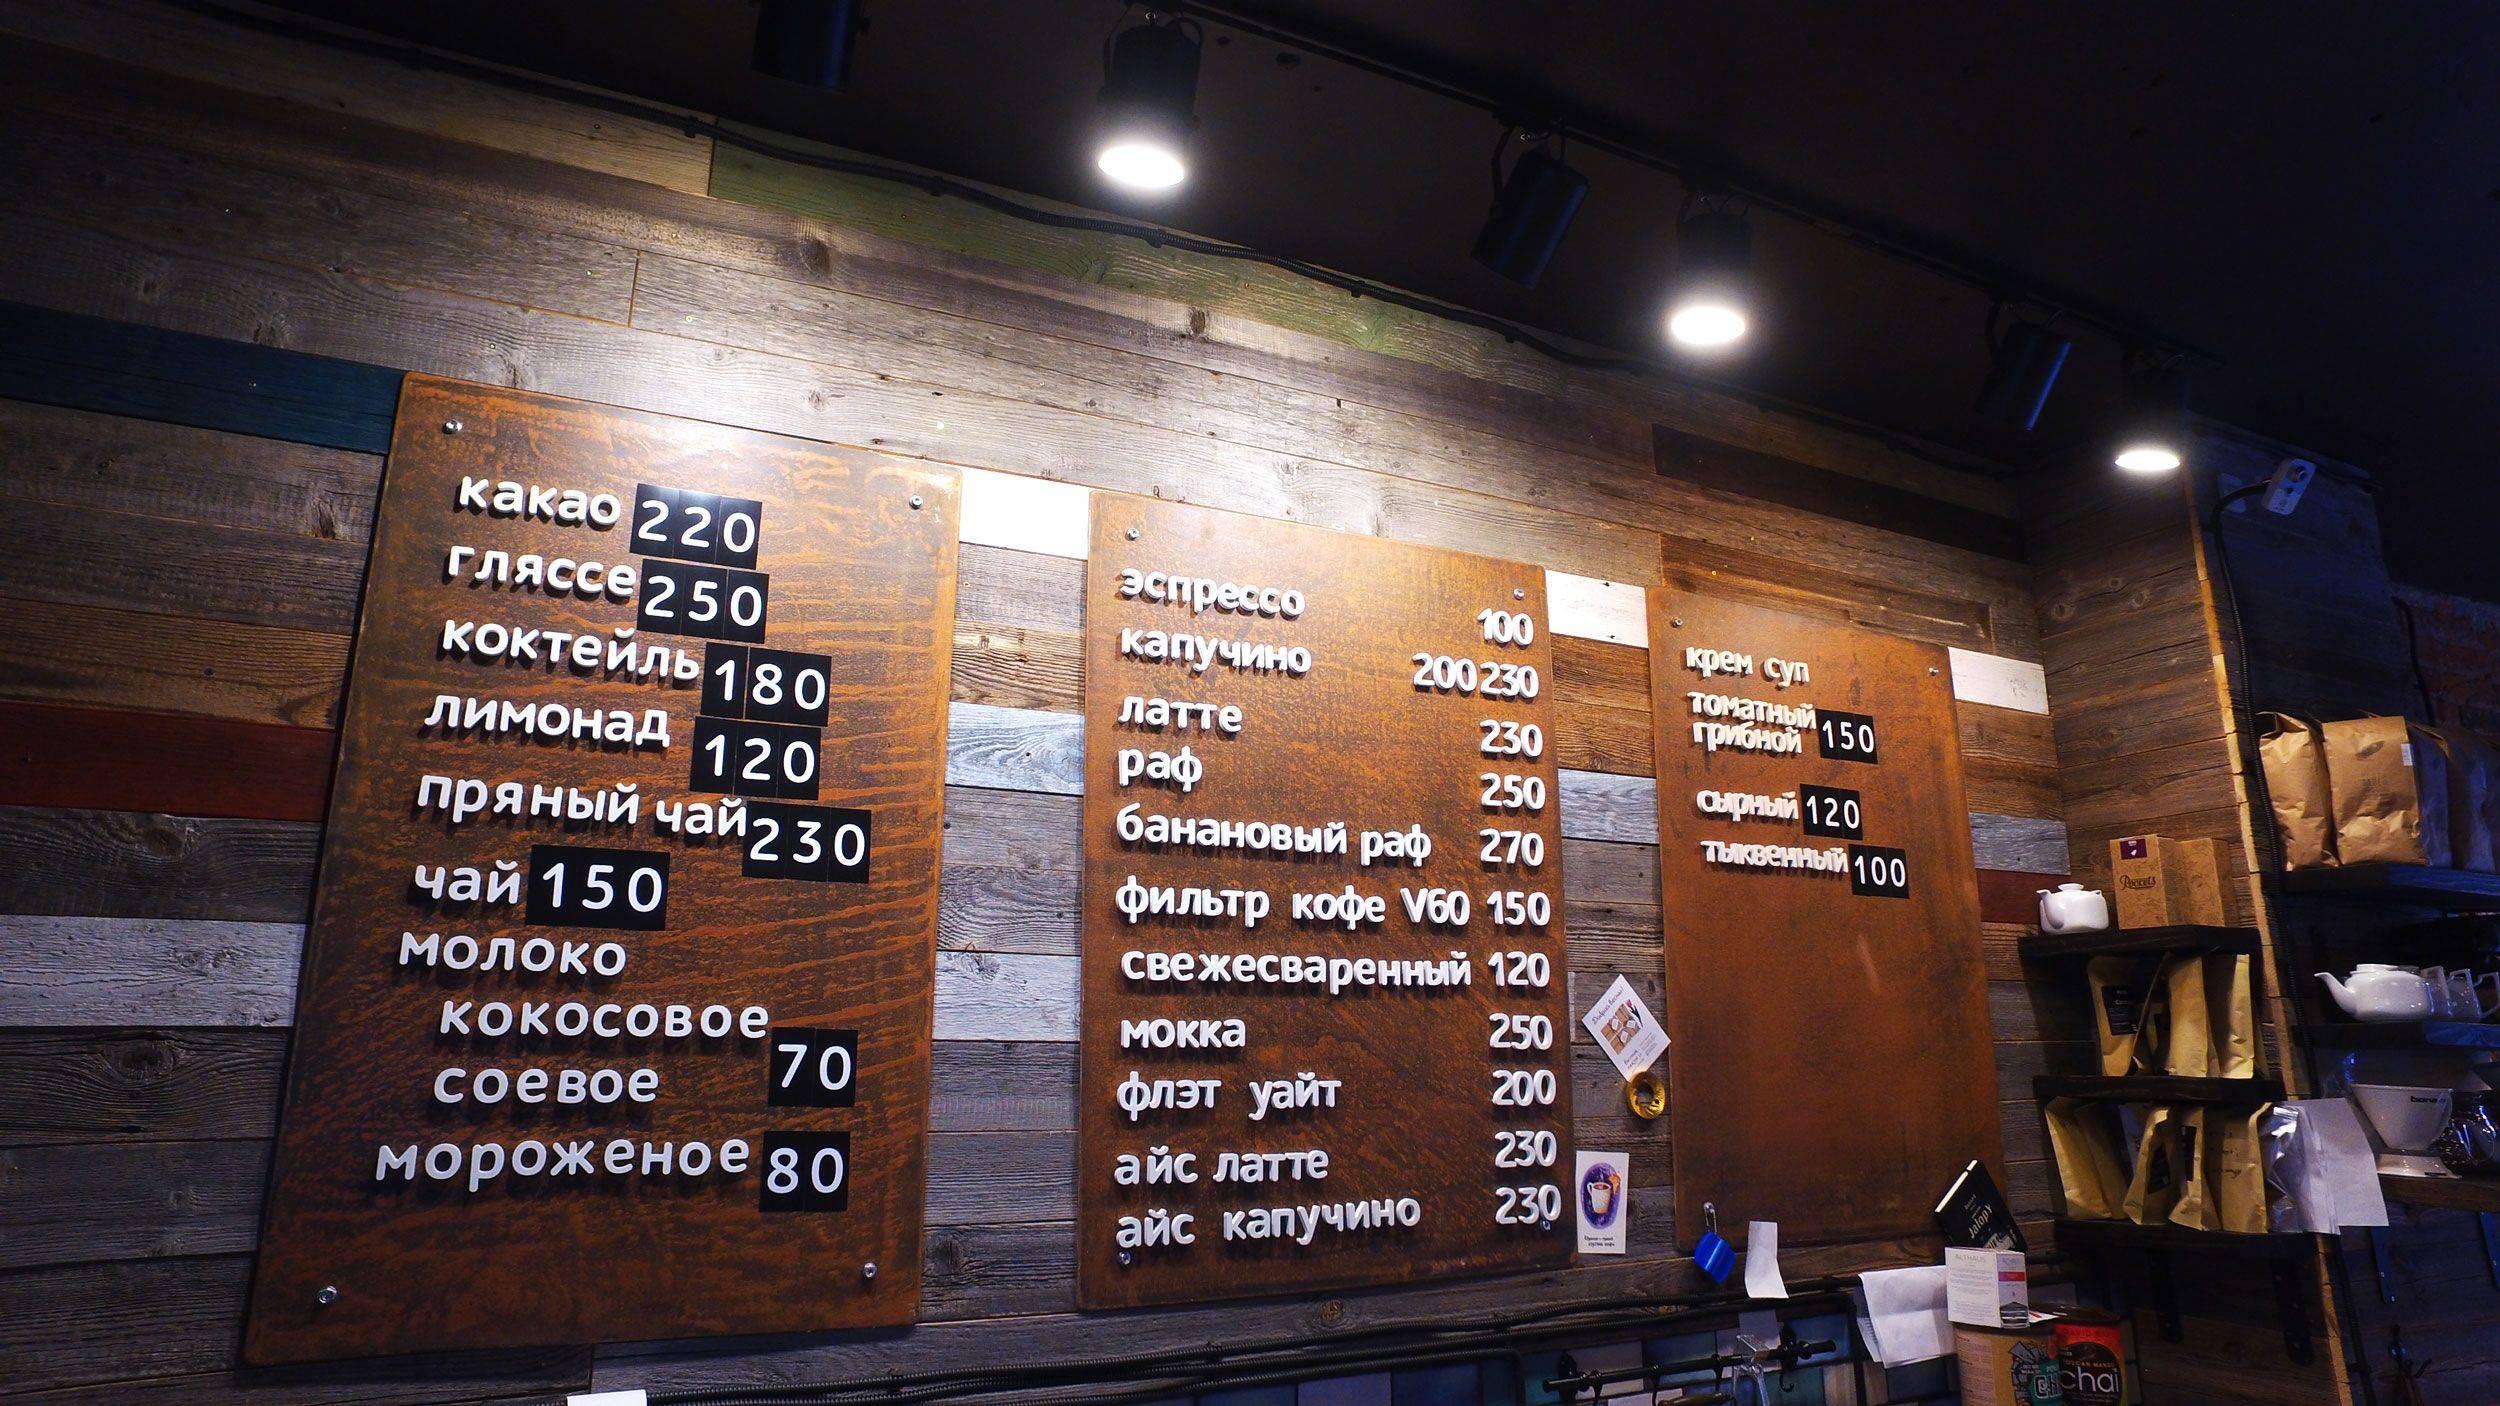 В Point 242 есть свежесваренный кофе